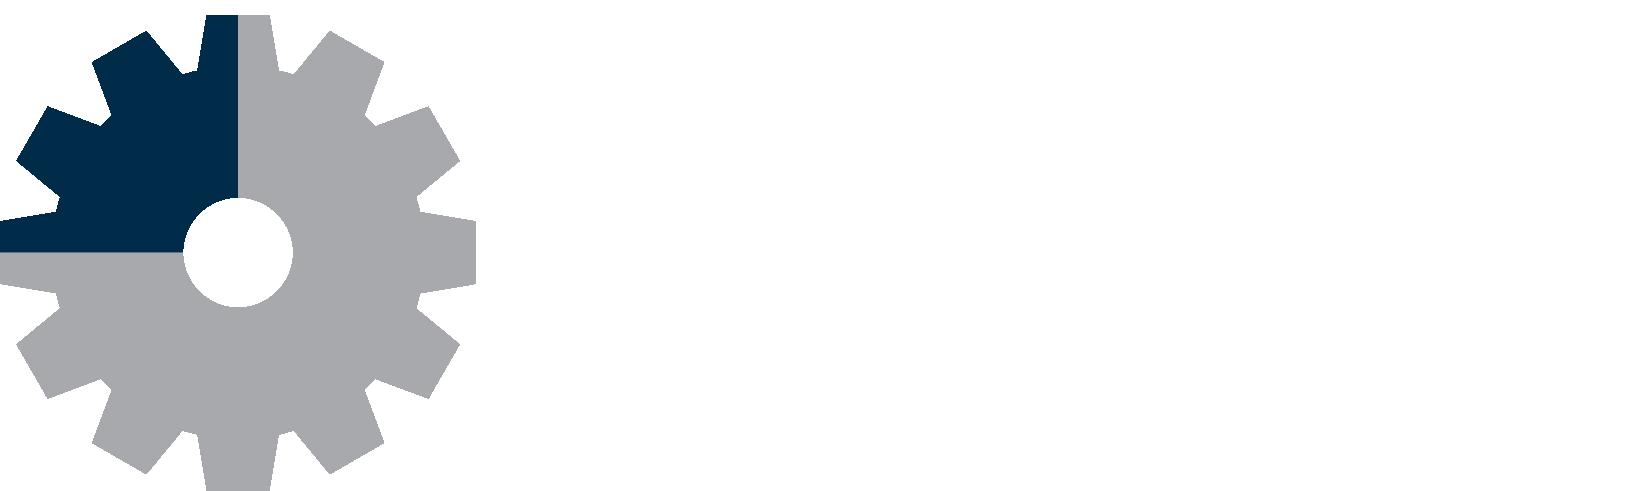 Platform-1.png